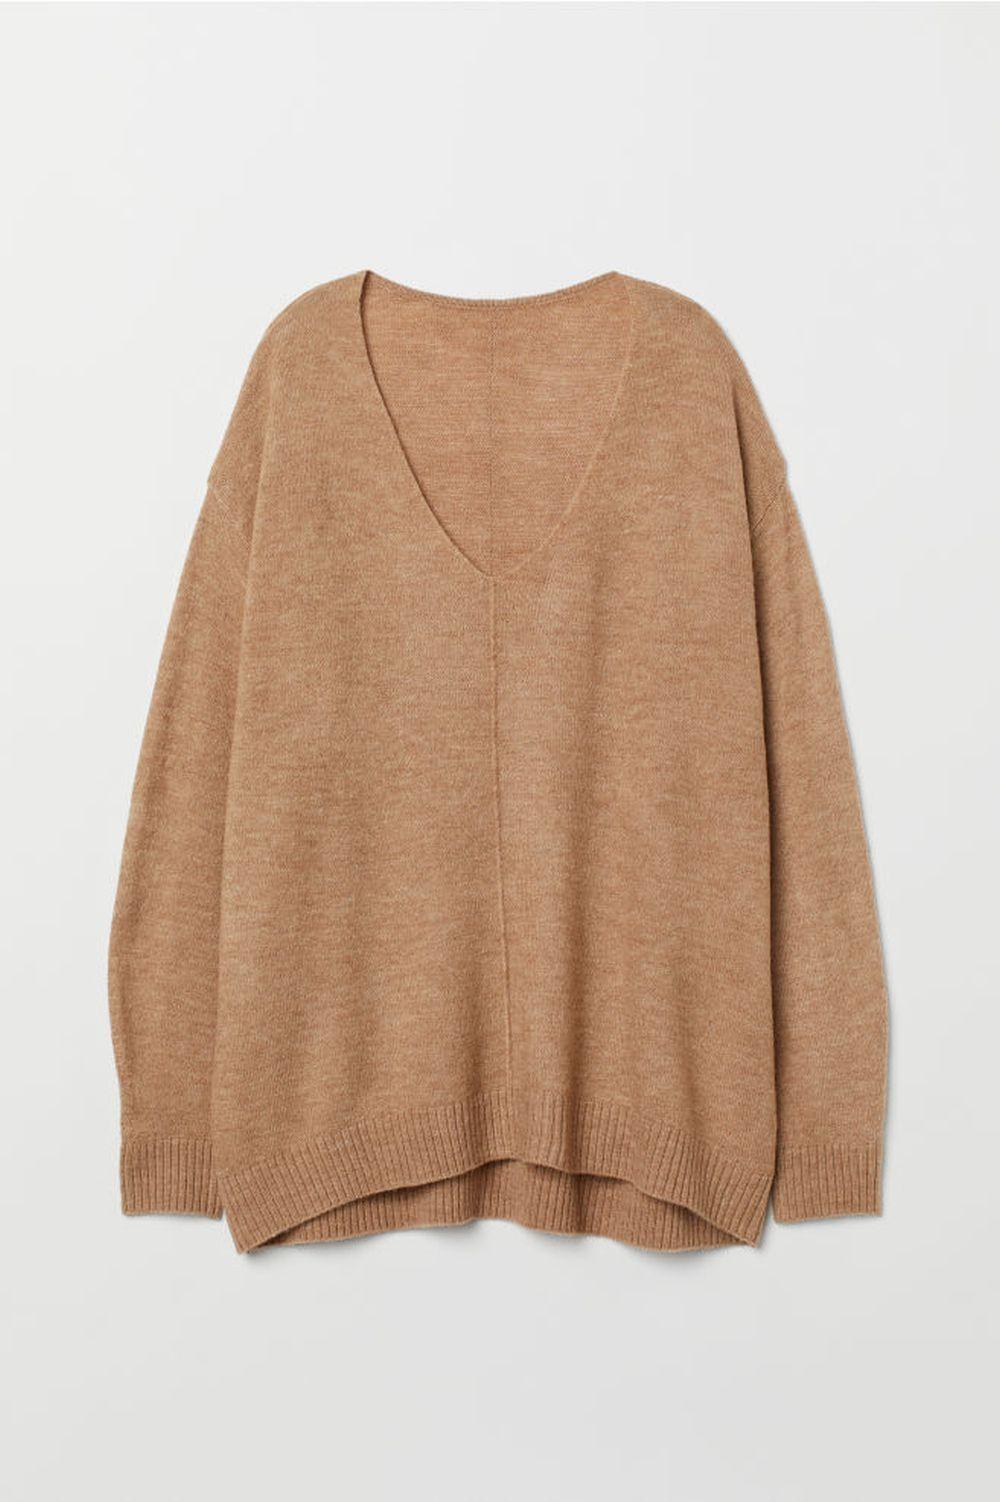 Jersey en punto fino en color beige, de H&M (19,99 euros).